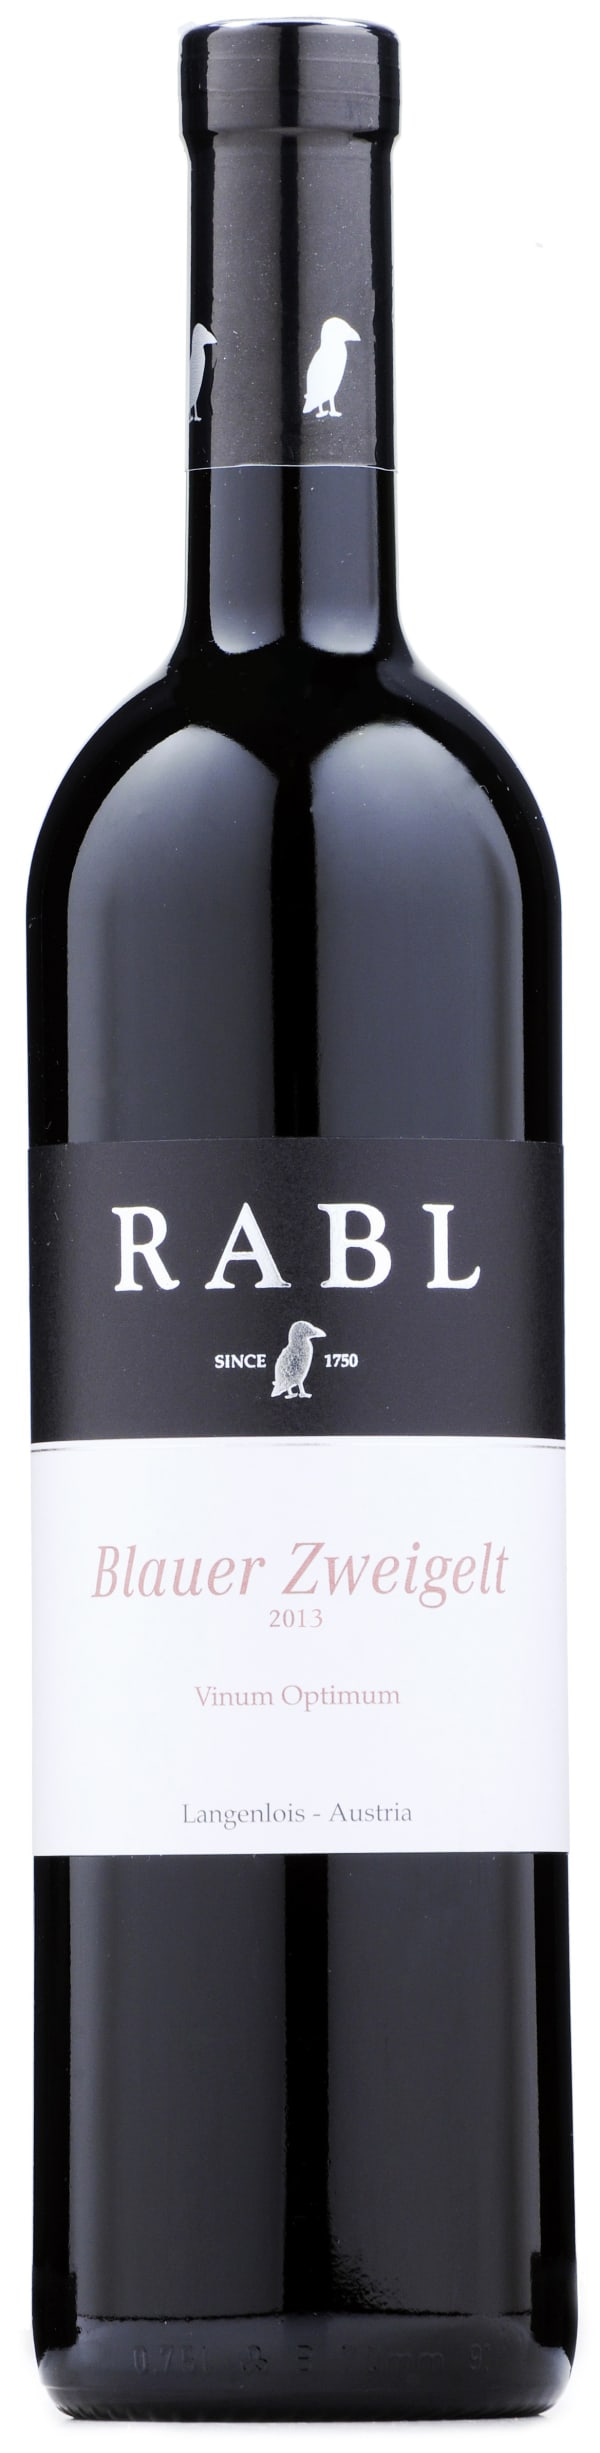 Rabl Blauer Zweigelt Vinum Optimum 2013